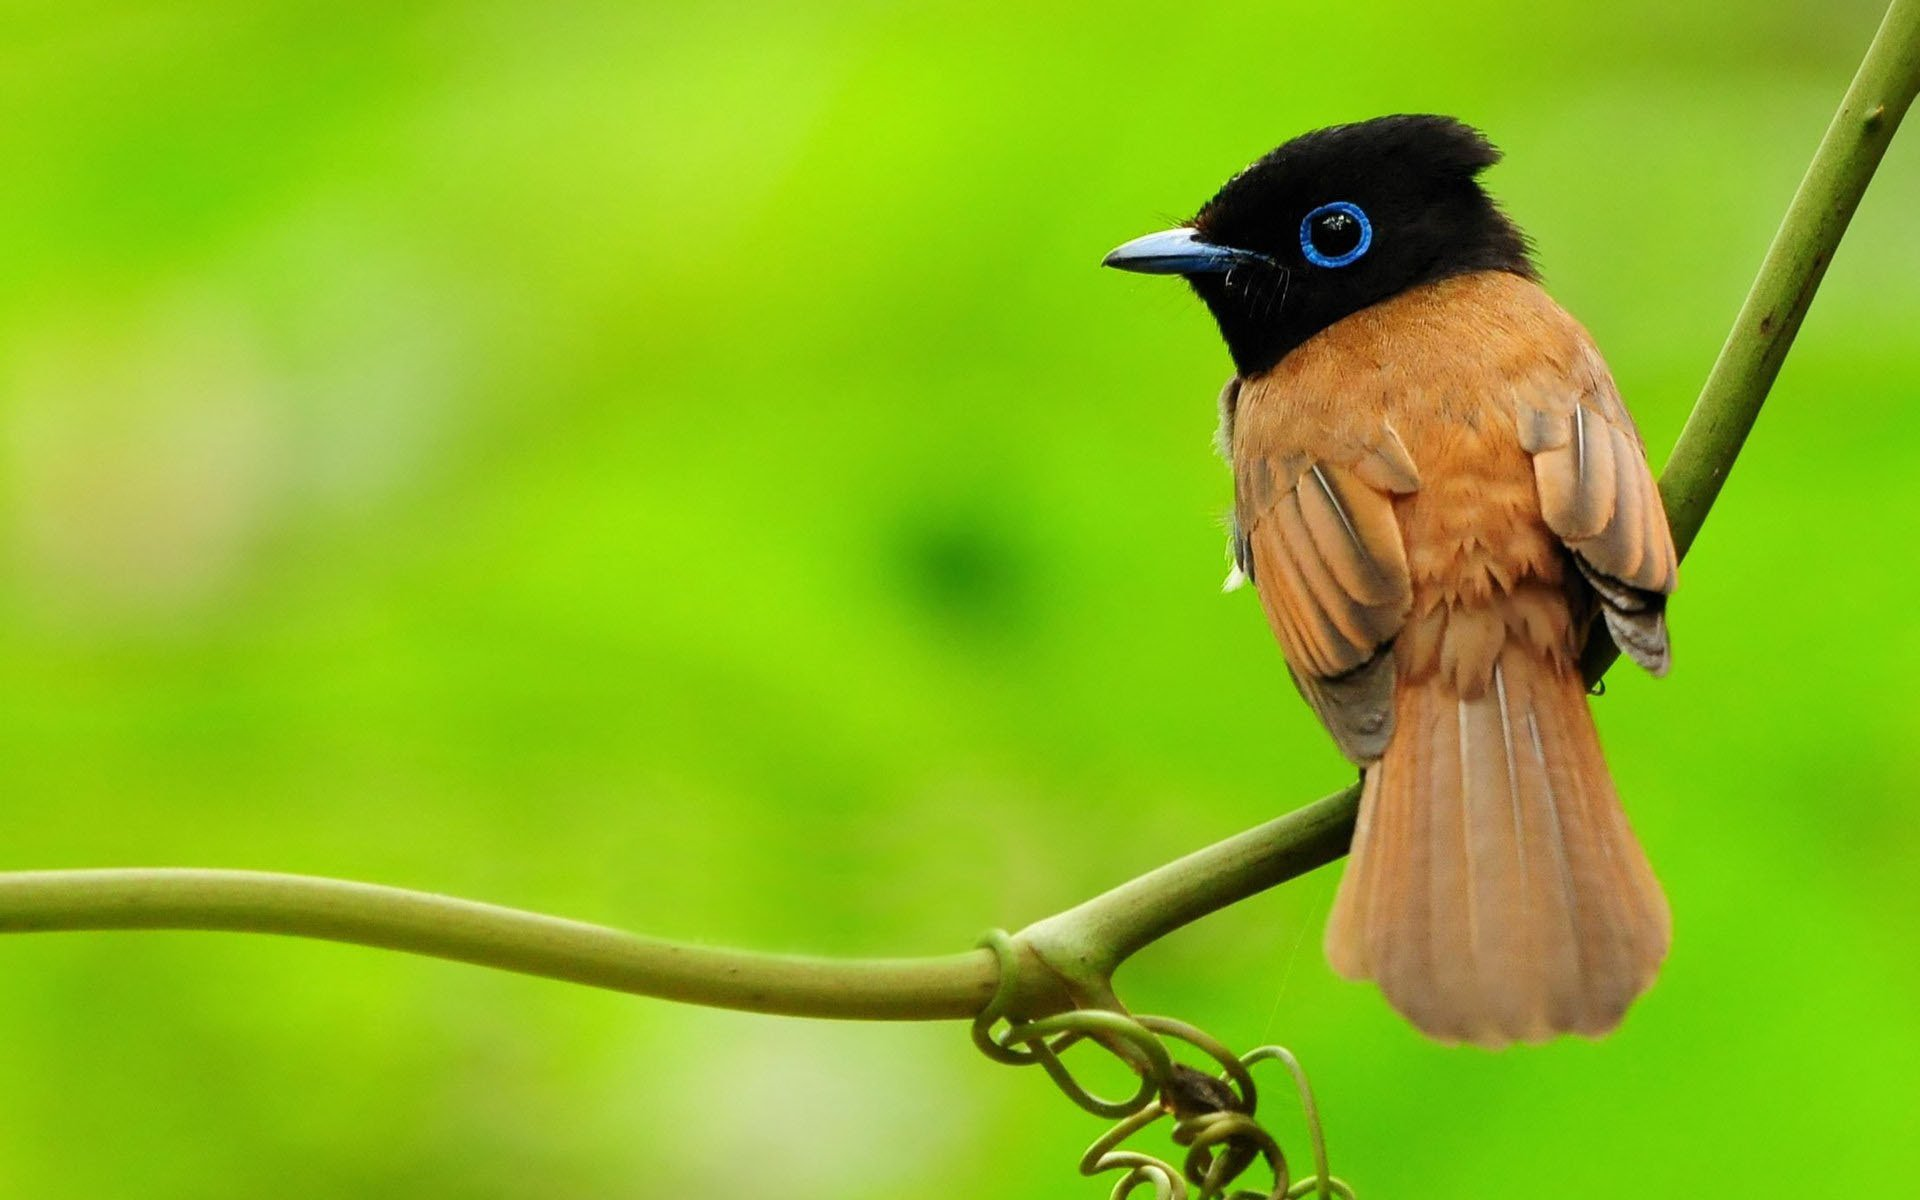 природа животные птица nature animals bird  № 2036914 бесплатно